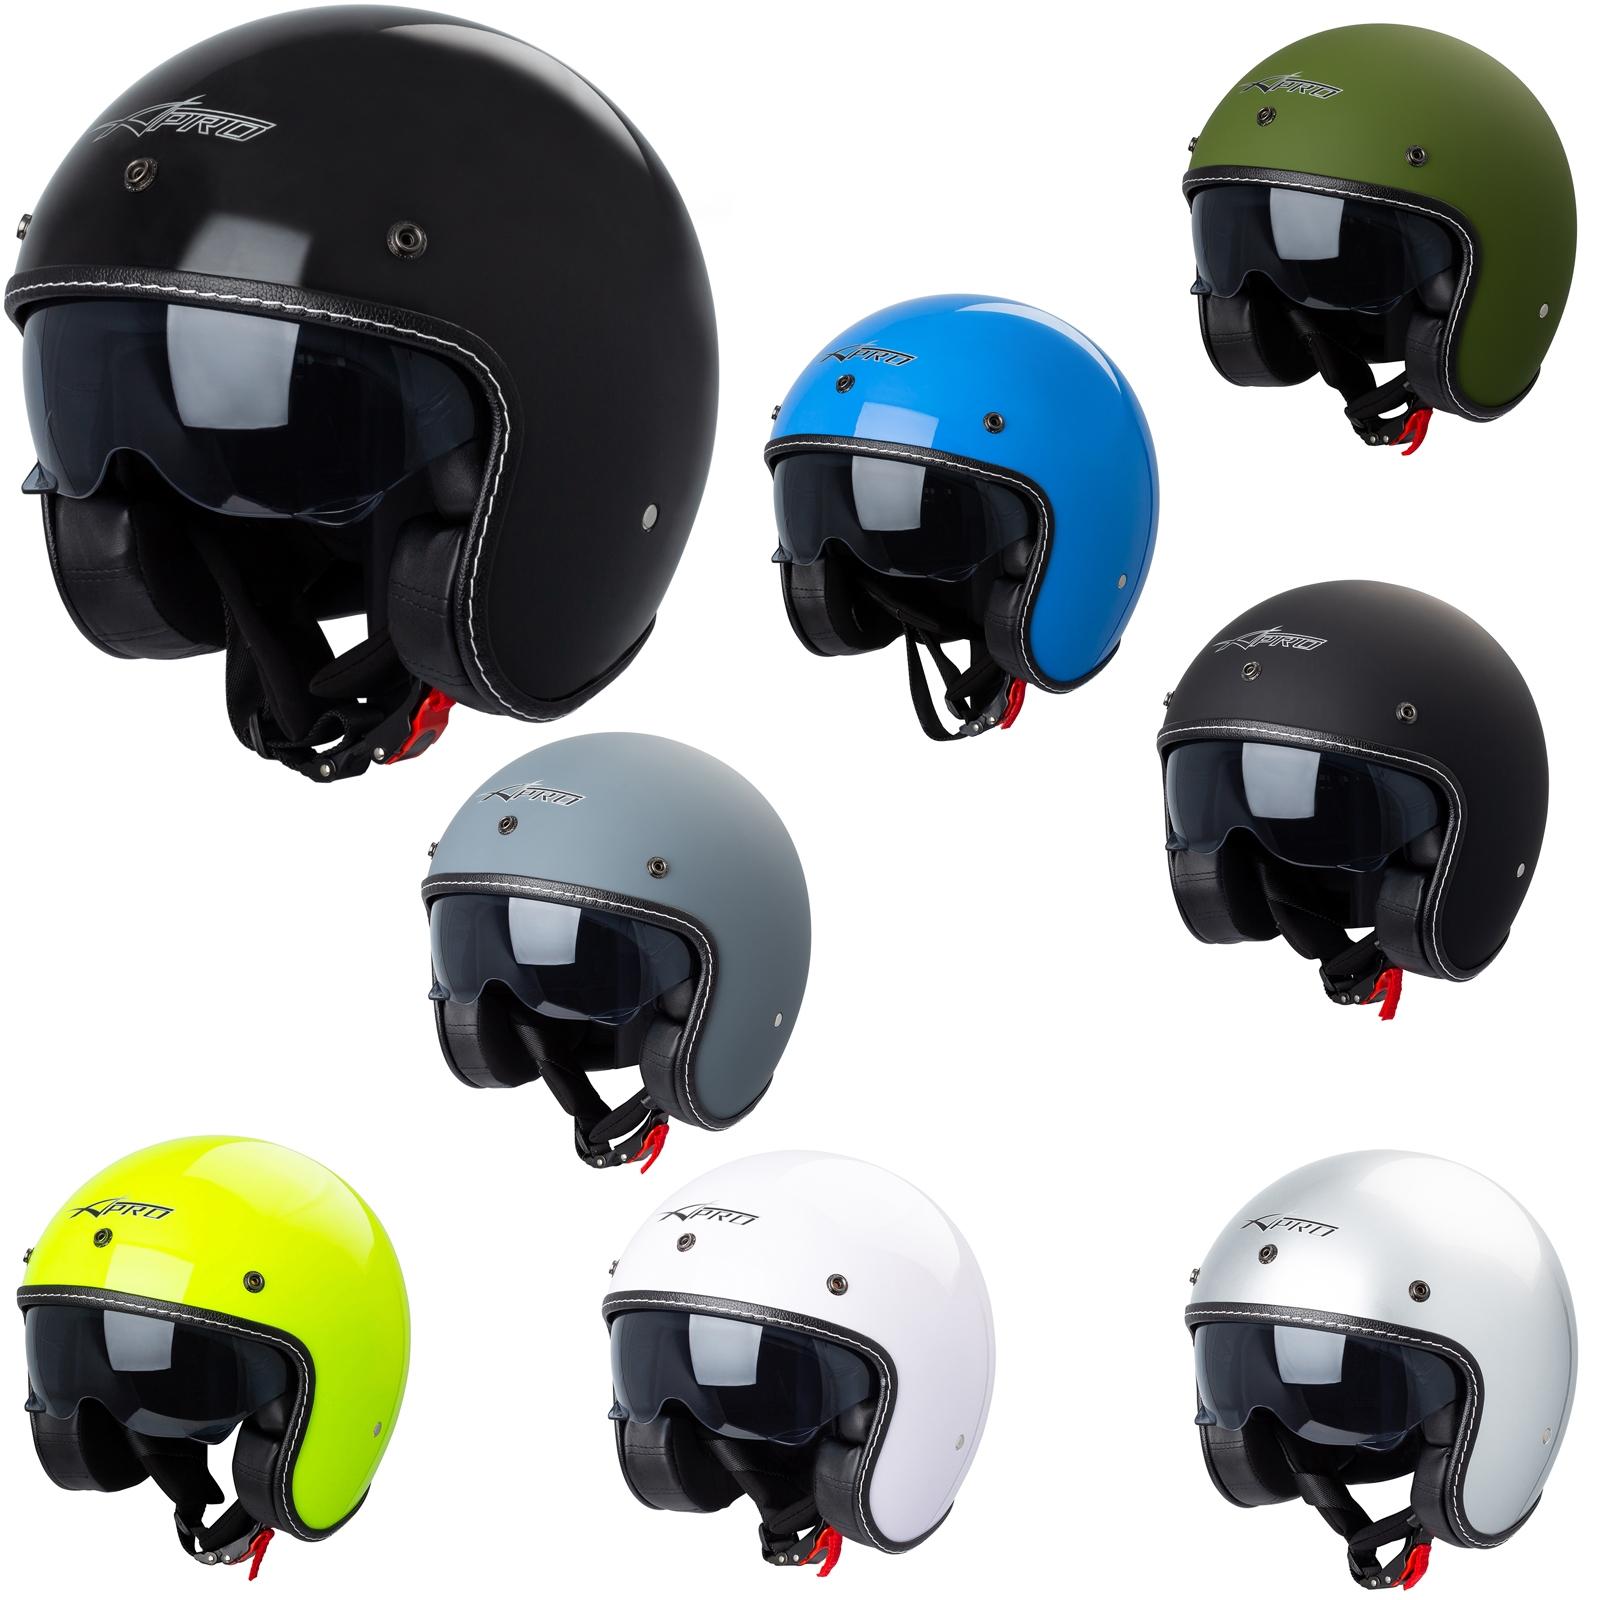 Scooter Bikers Rollerhelm mit Doppelvisier Frauen Integralhelm Motorrad Helm f/ür M/änner